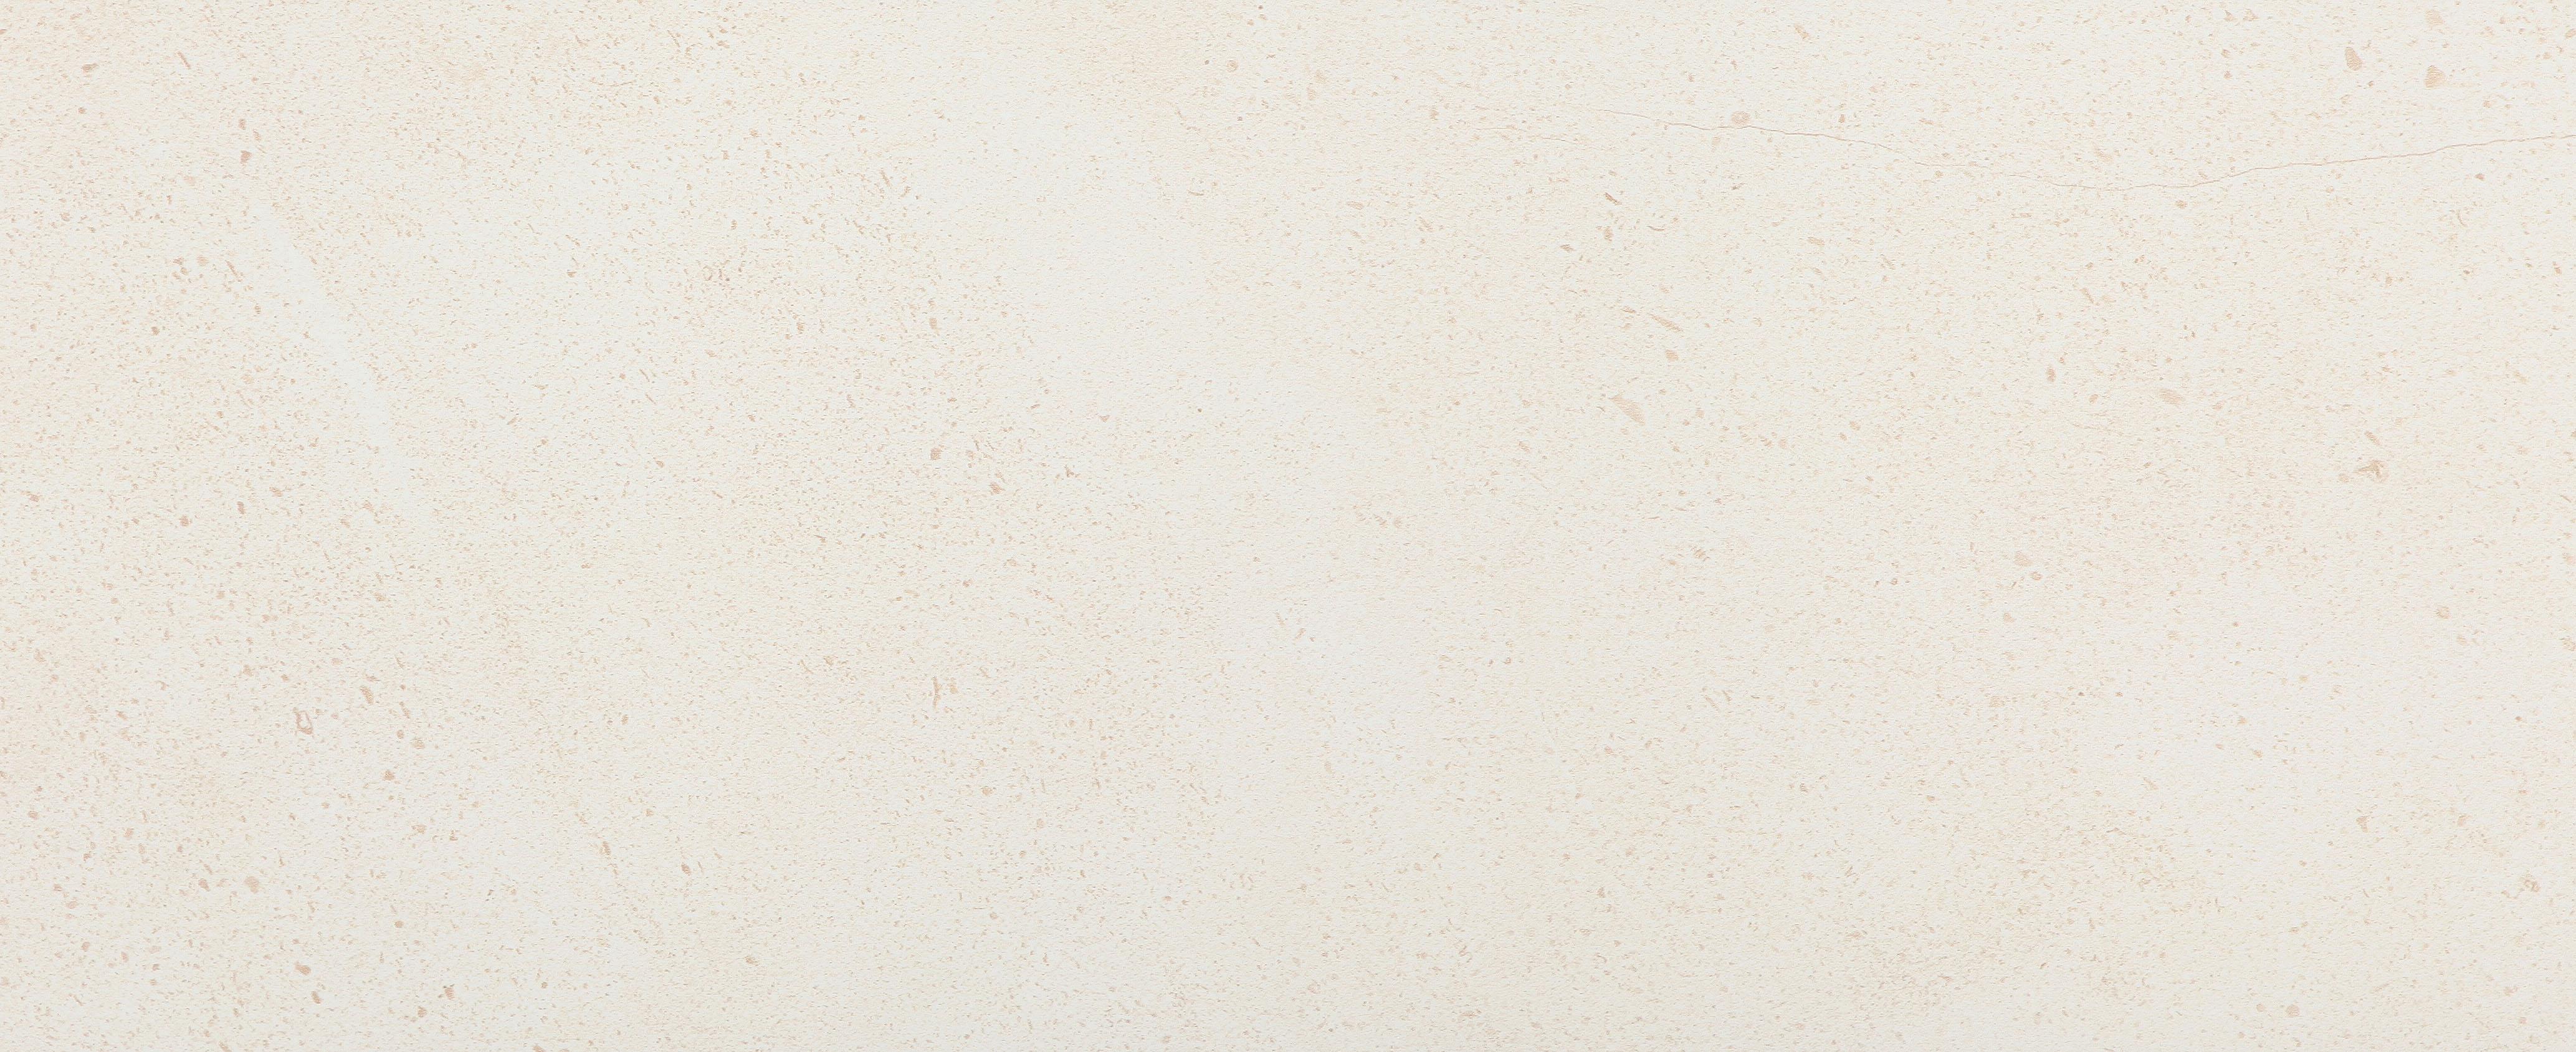 Fliesen: Kemmler. - Wandfliese Martano in der Farbe beige und im ...